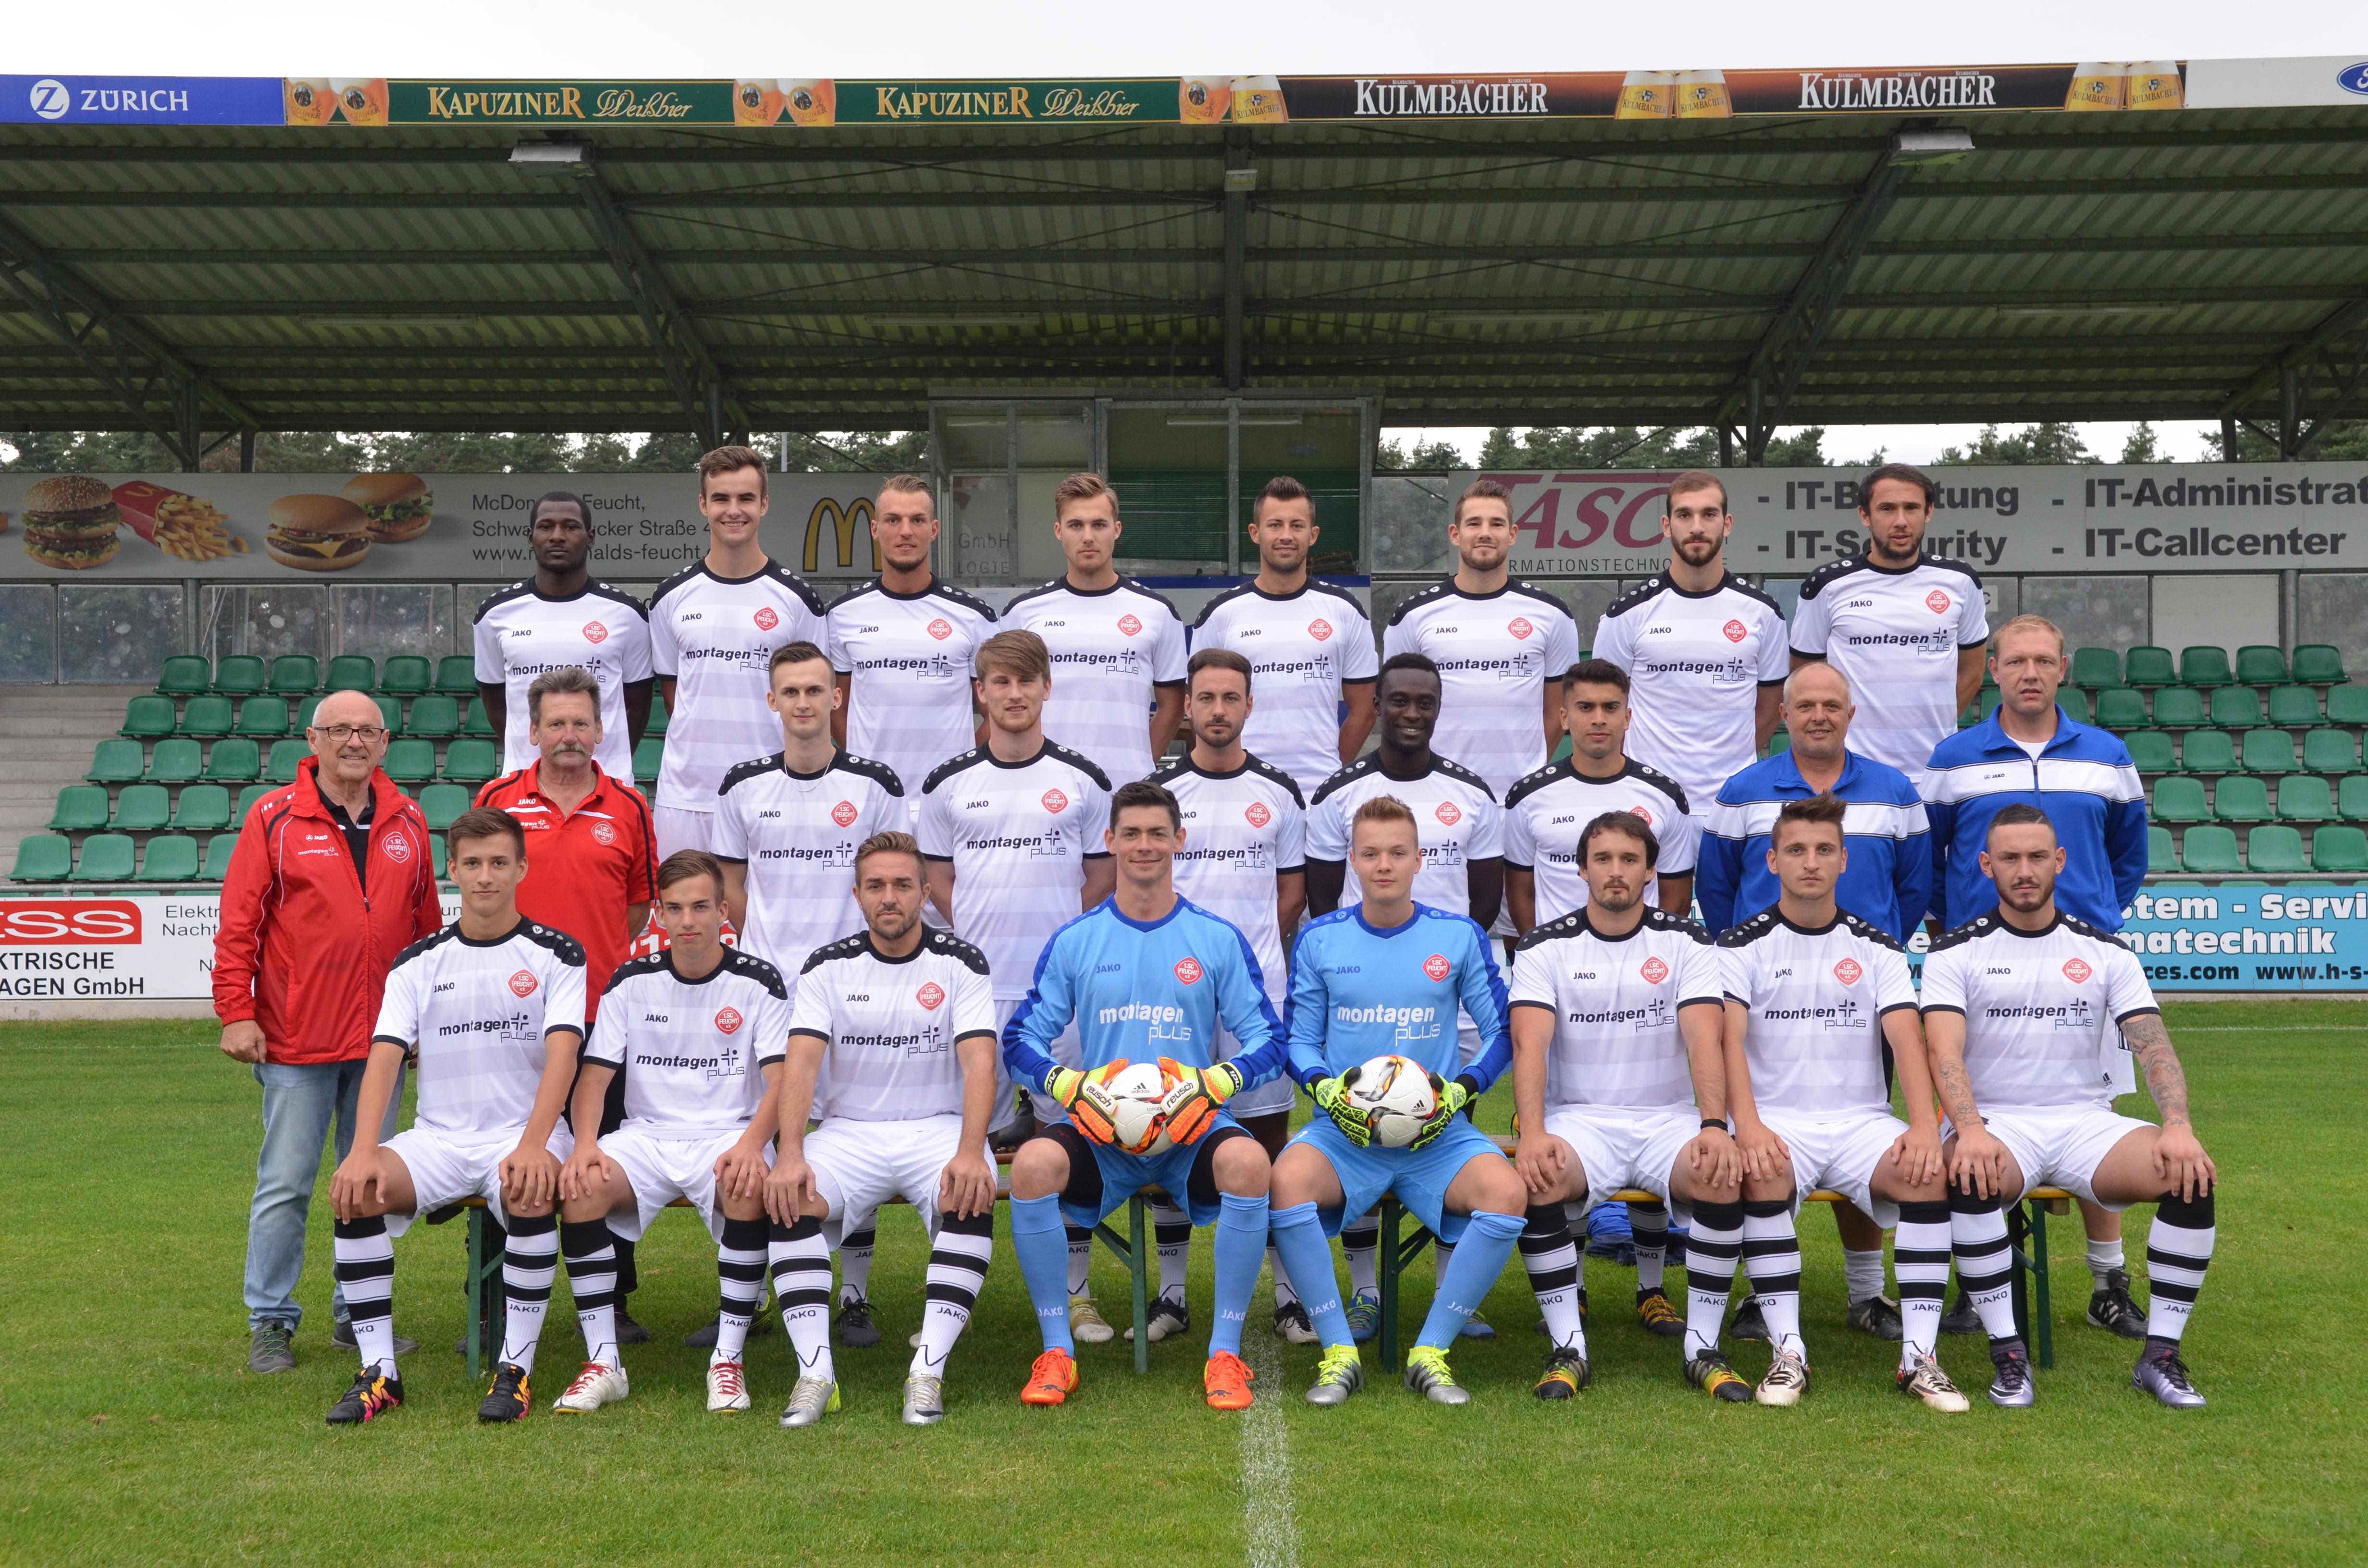 19:00h: VfL Frohnlach - 1. SC Feucht